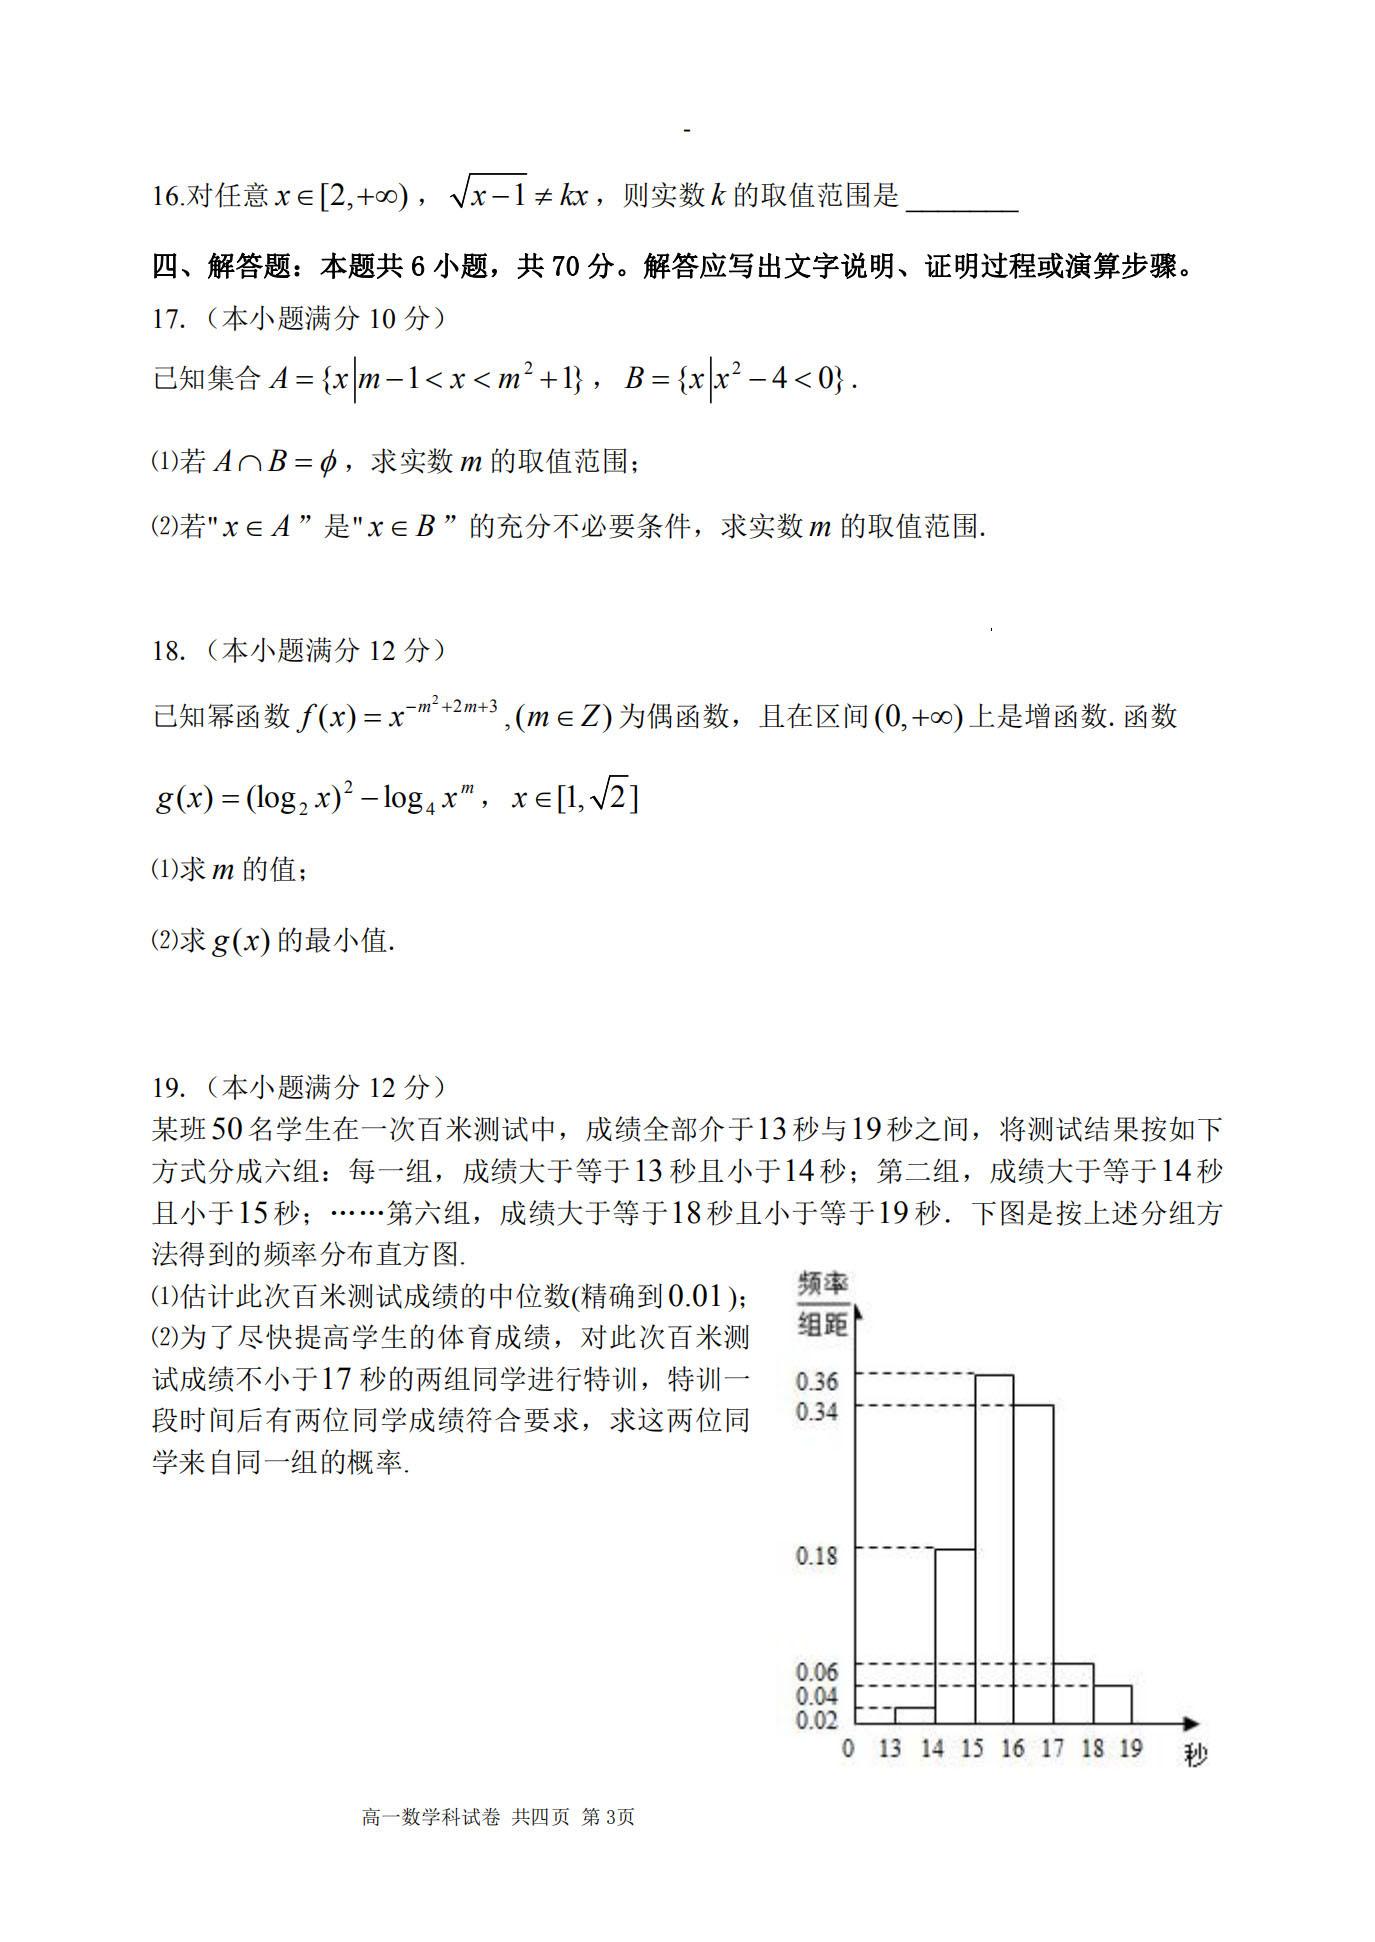 辽宁省鞍山市第一中学2020-2021学年度上学期期末考试高一年级数学试卷及答案图3